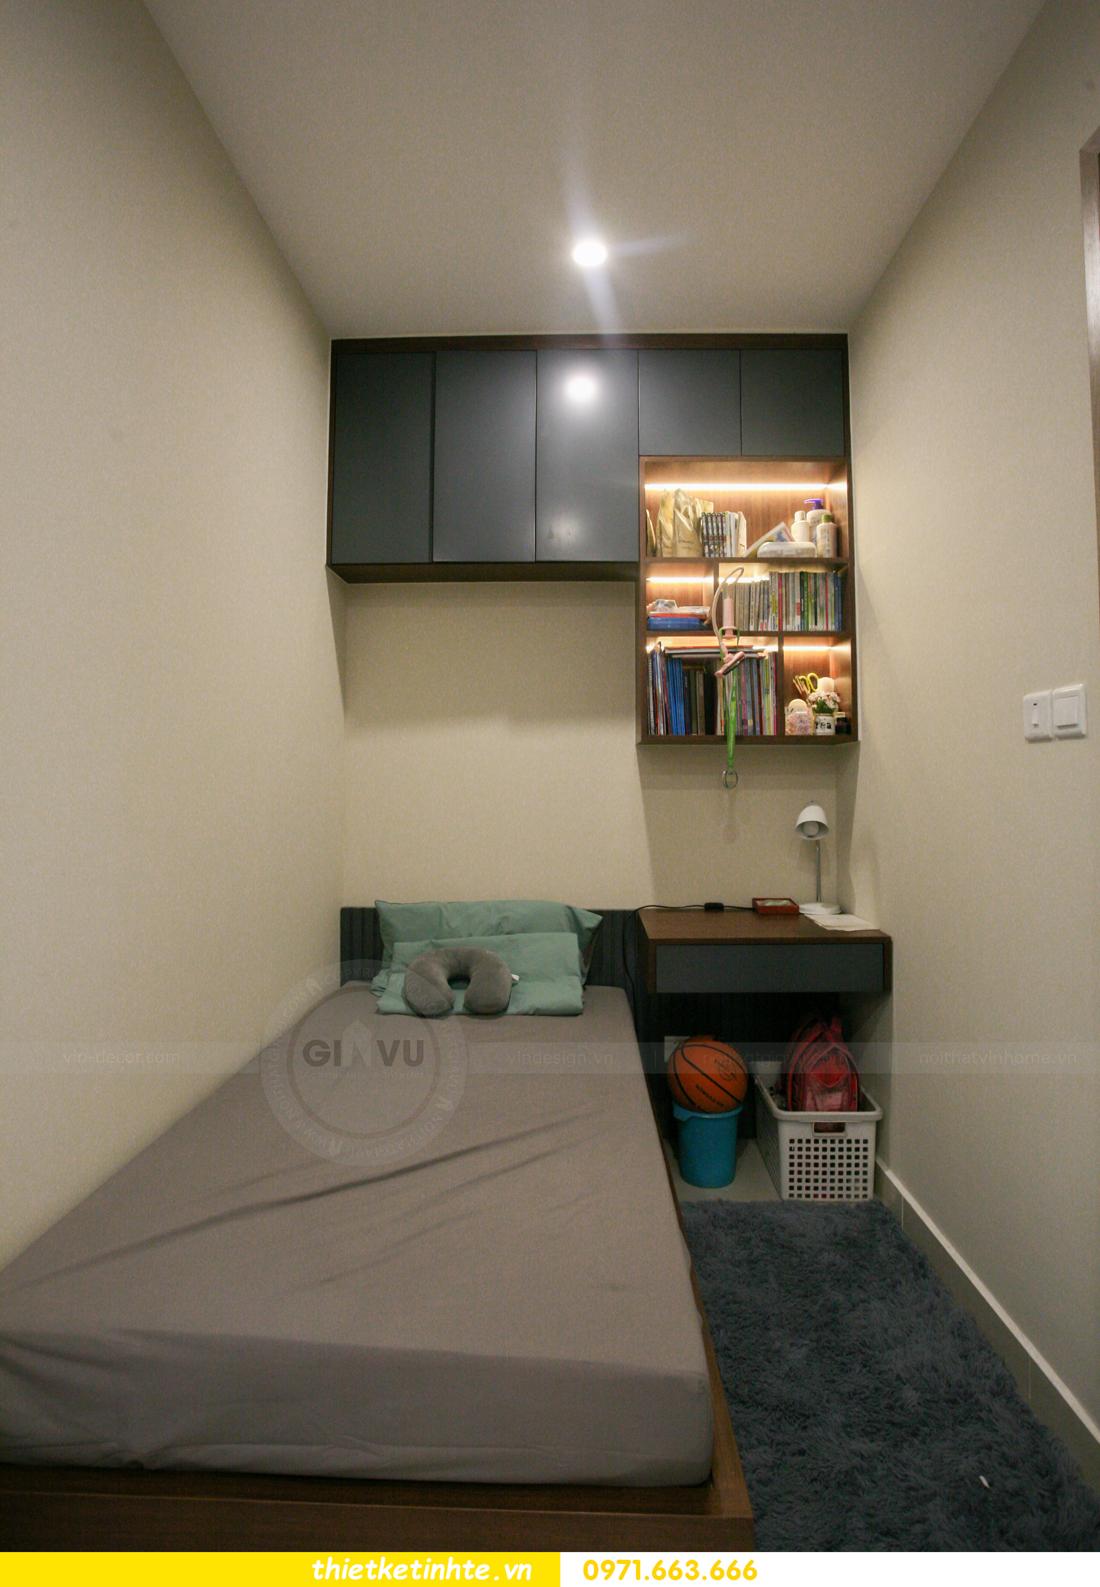 thi công nội thất căn hộ Smart City tòa S201 nhà anh Hân 13